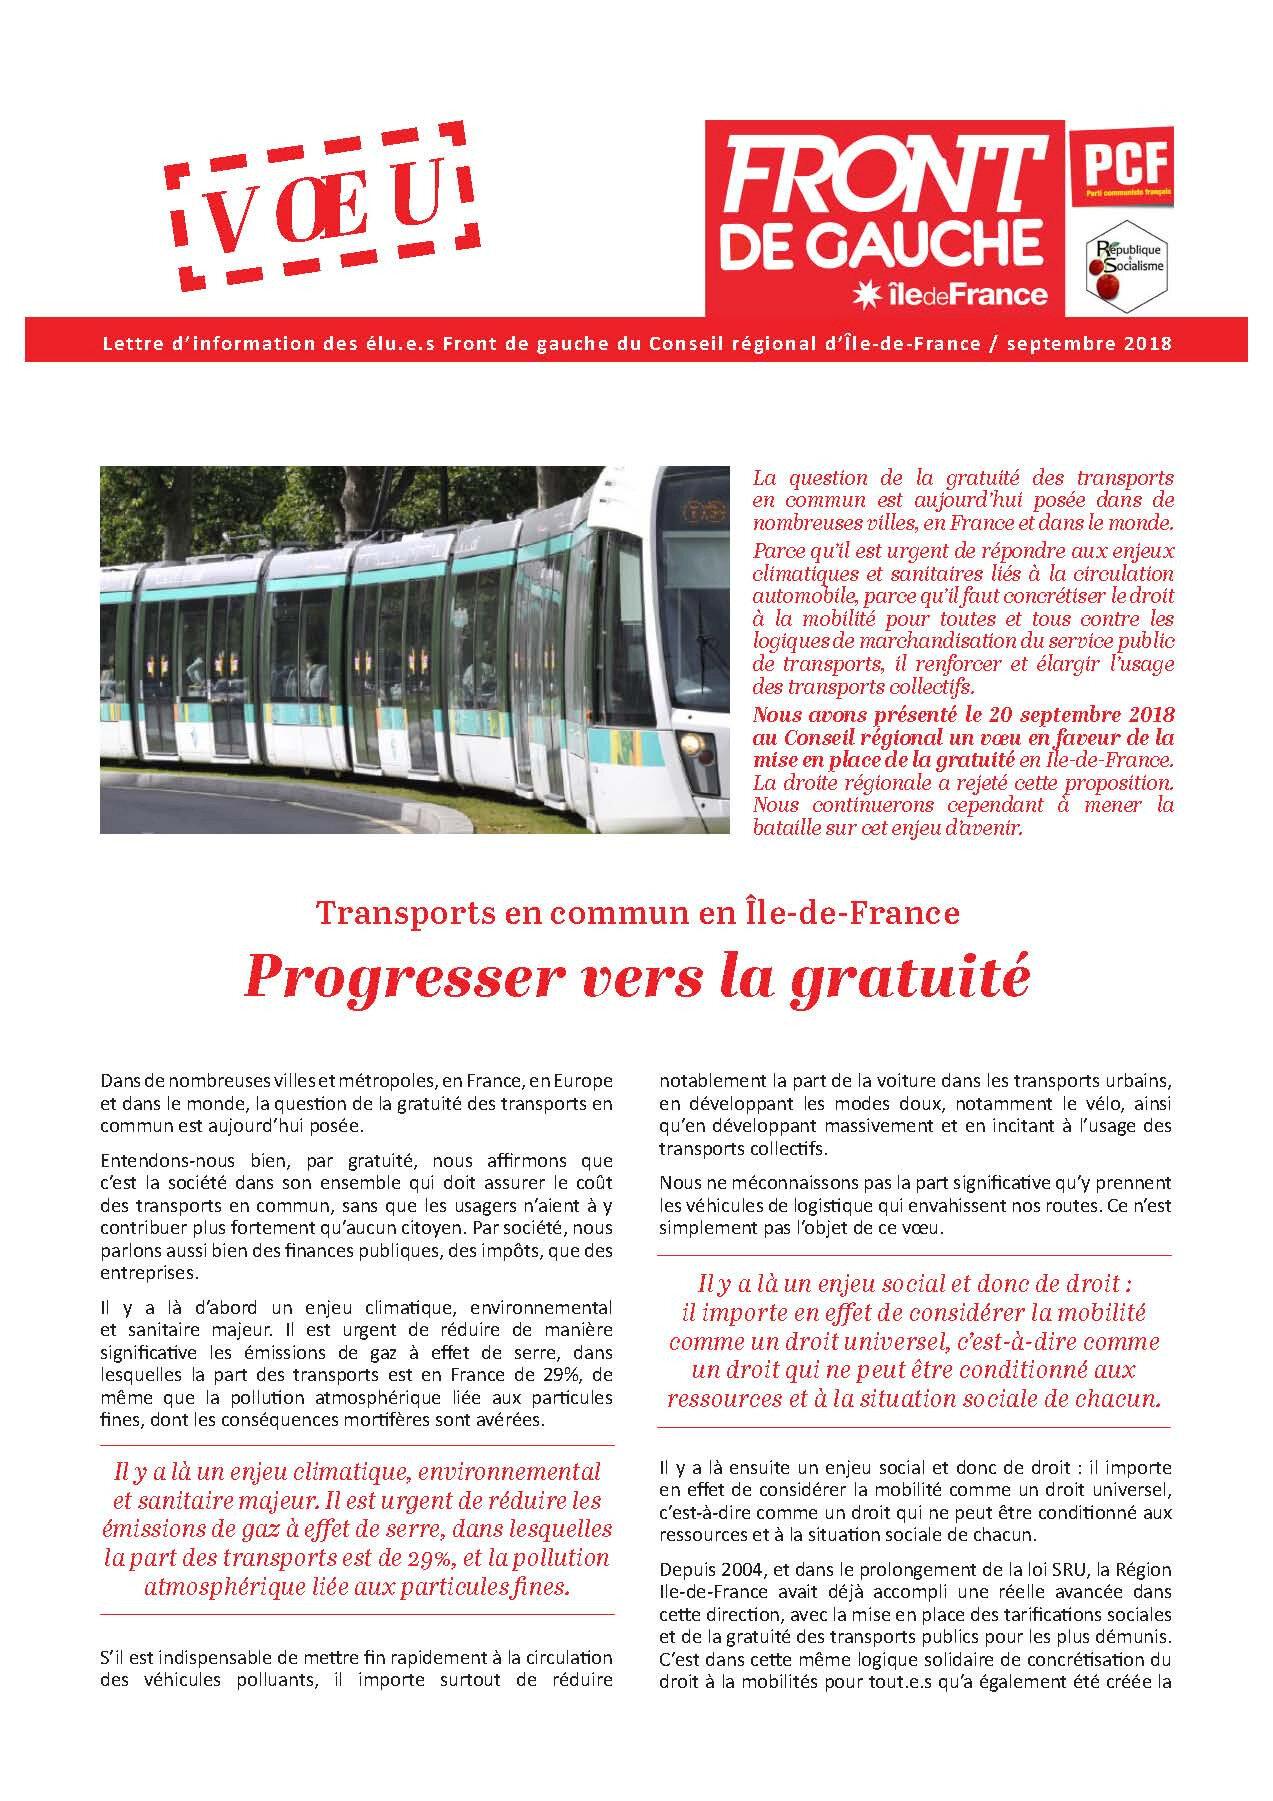 Transports en commun en Île-de-France Progresser vers la gratuité